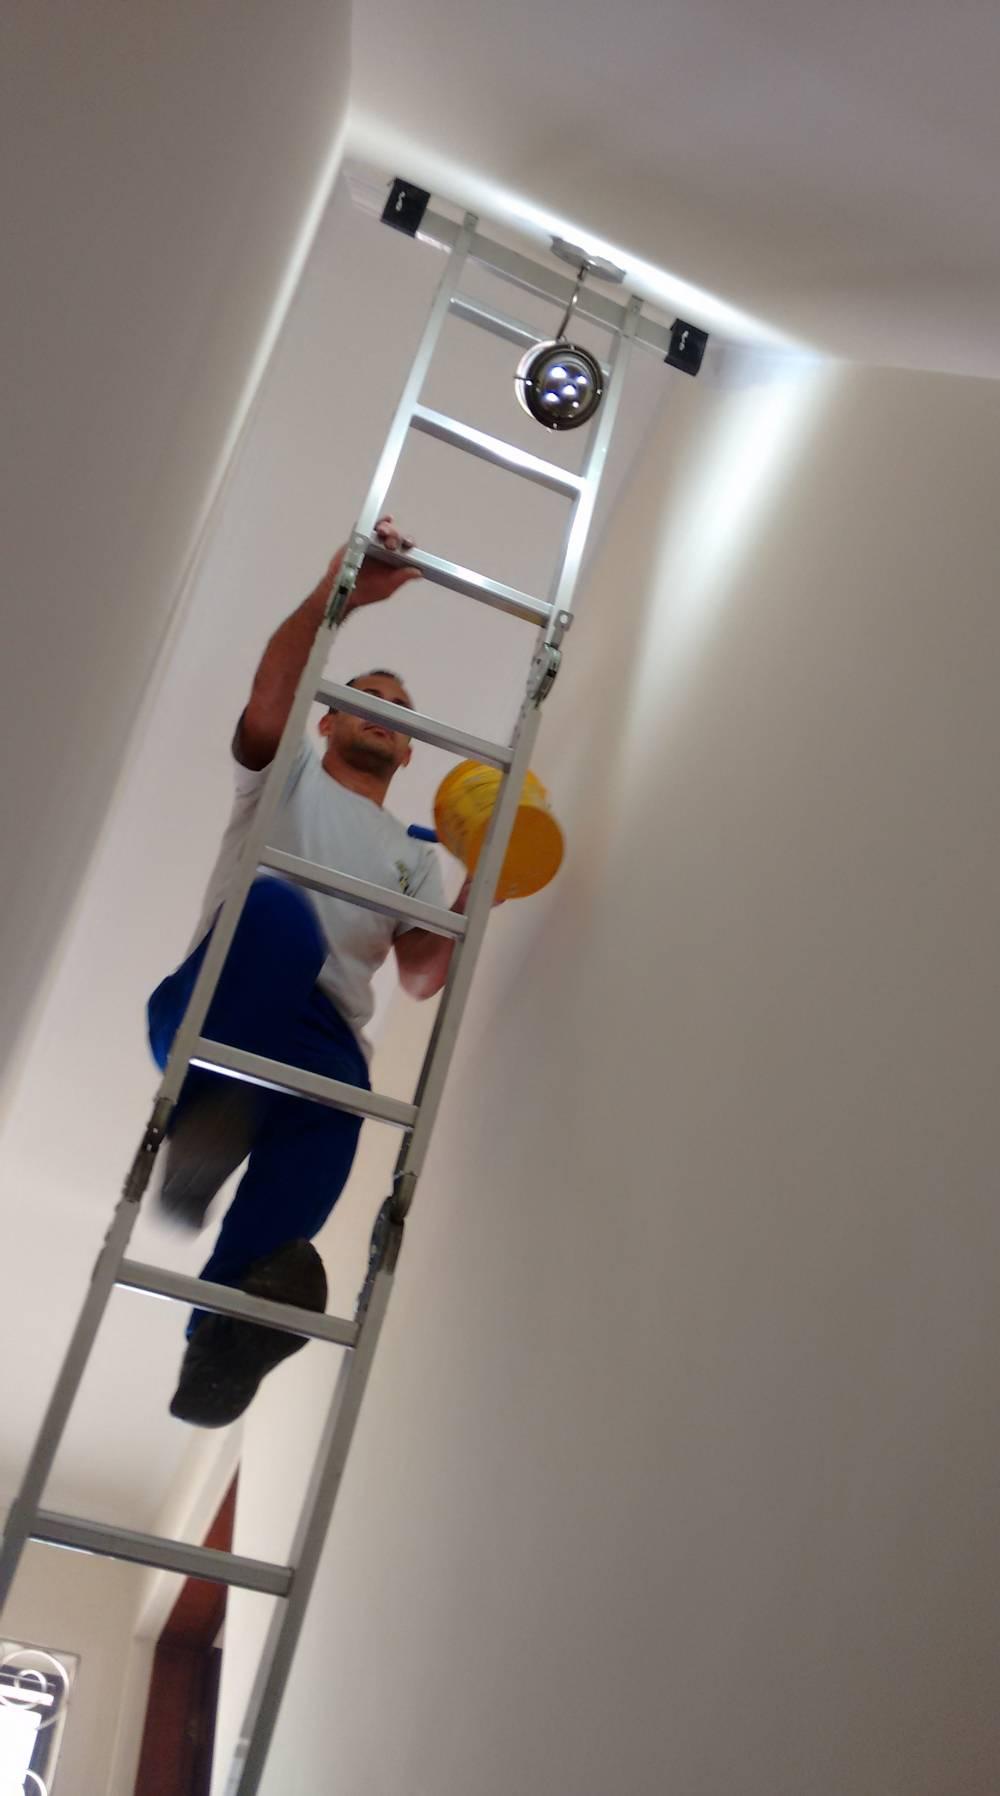 Contratar Serviço de Reparos em Residências na Vila Magini - Serviços de Manutenções Residenciais